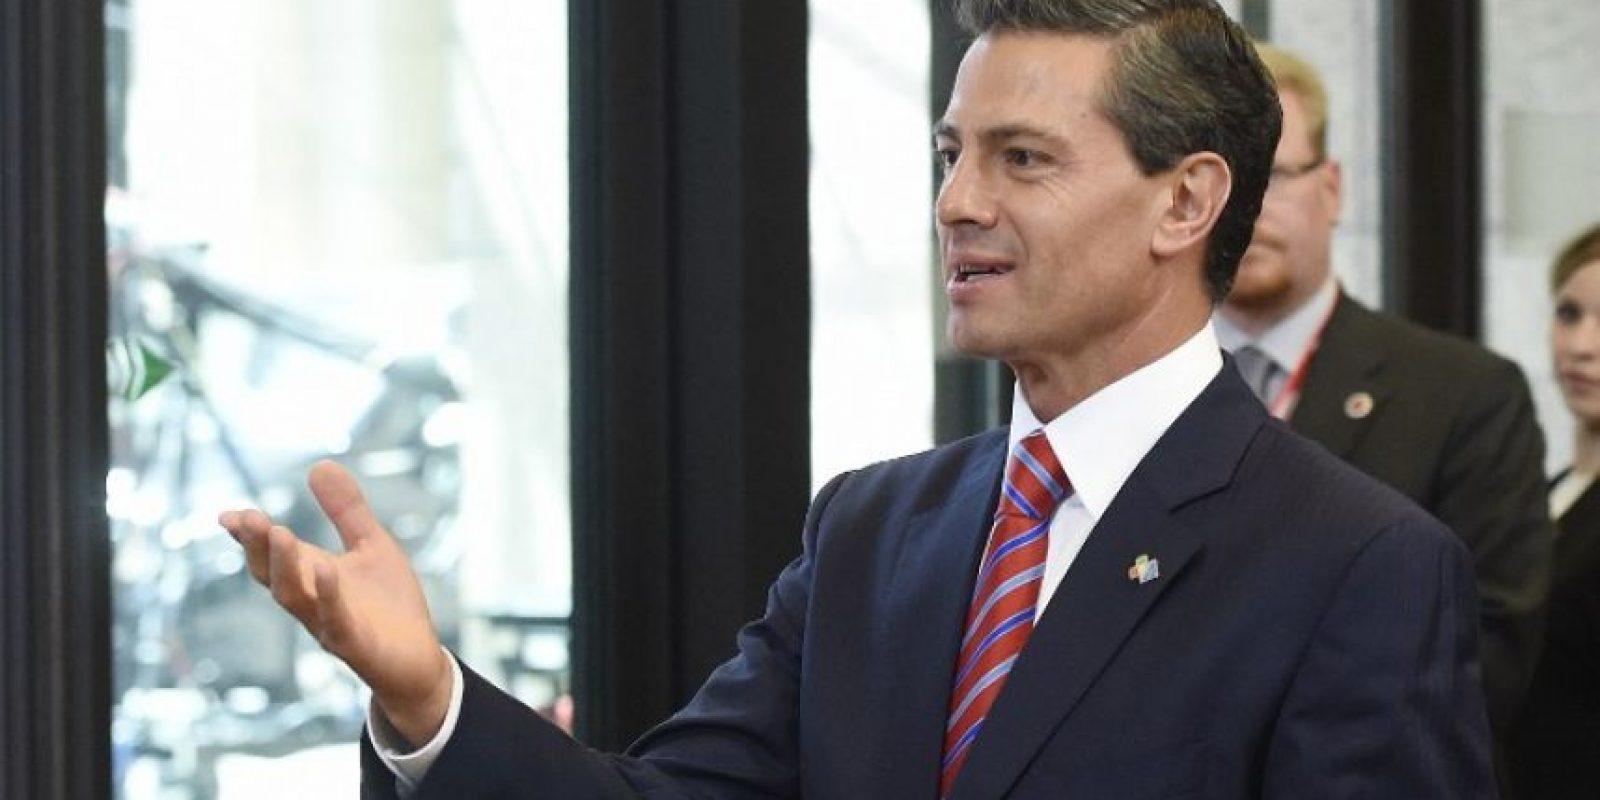 5. Cáncer. 16 líderes mundiales están bajo este signo, entre ellos Enrique Peña Nieto, de México Foto:AFP